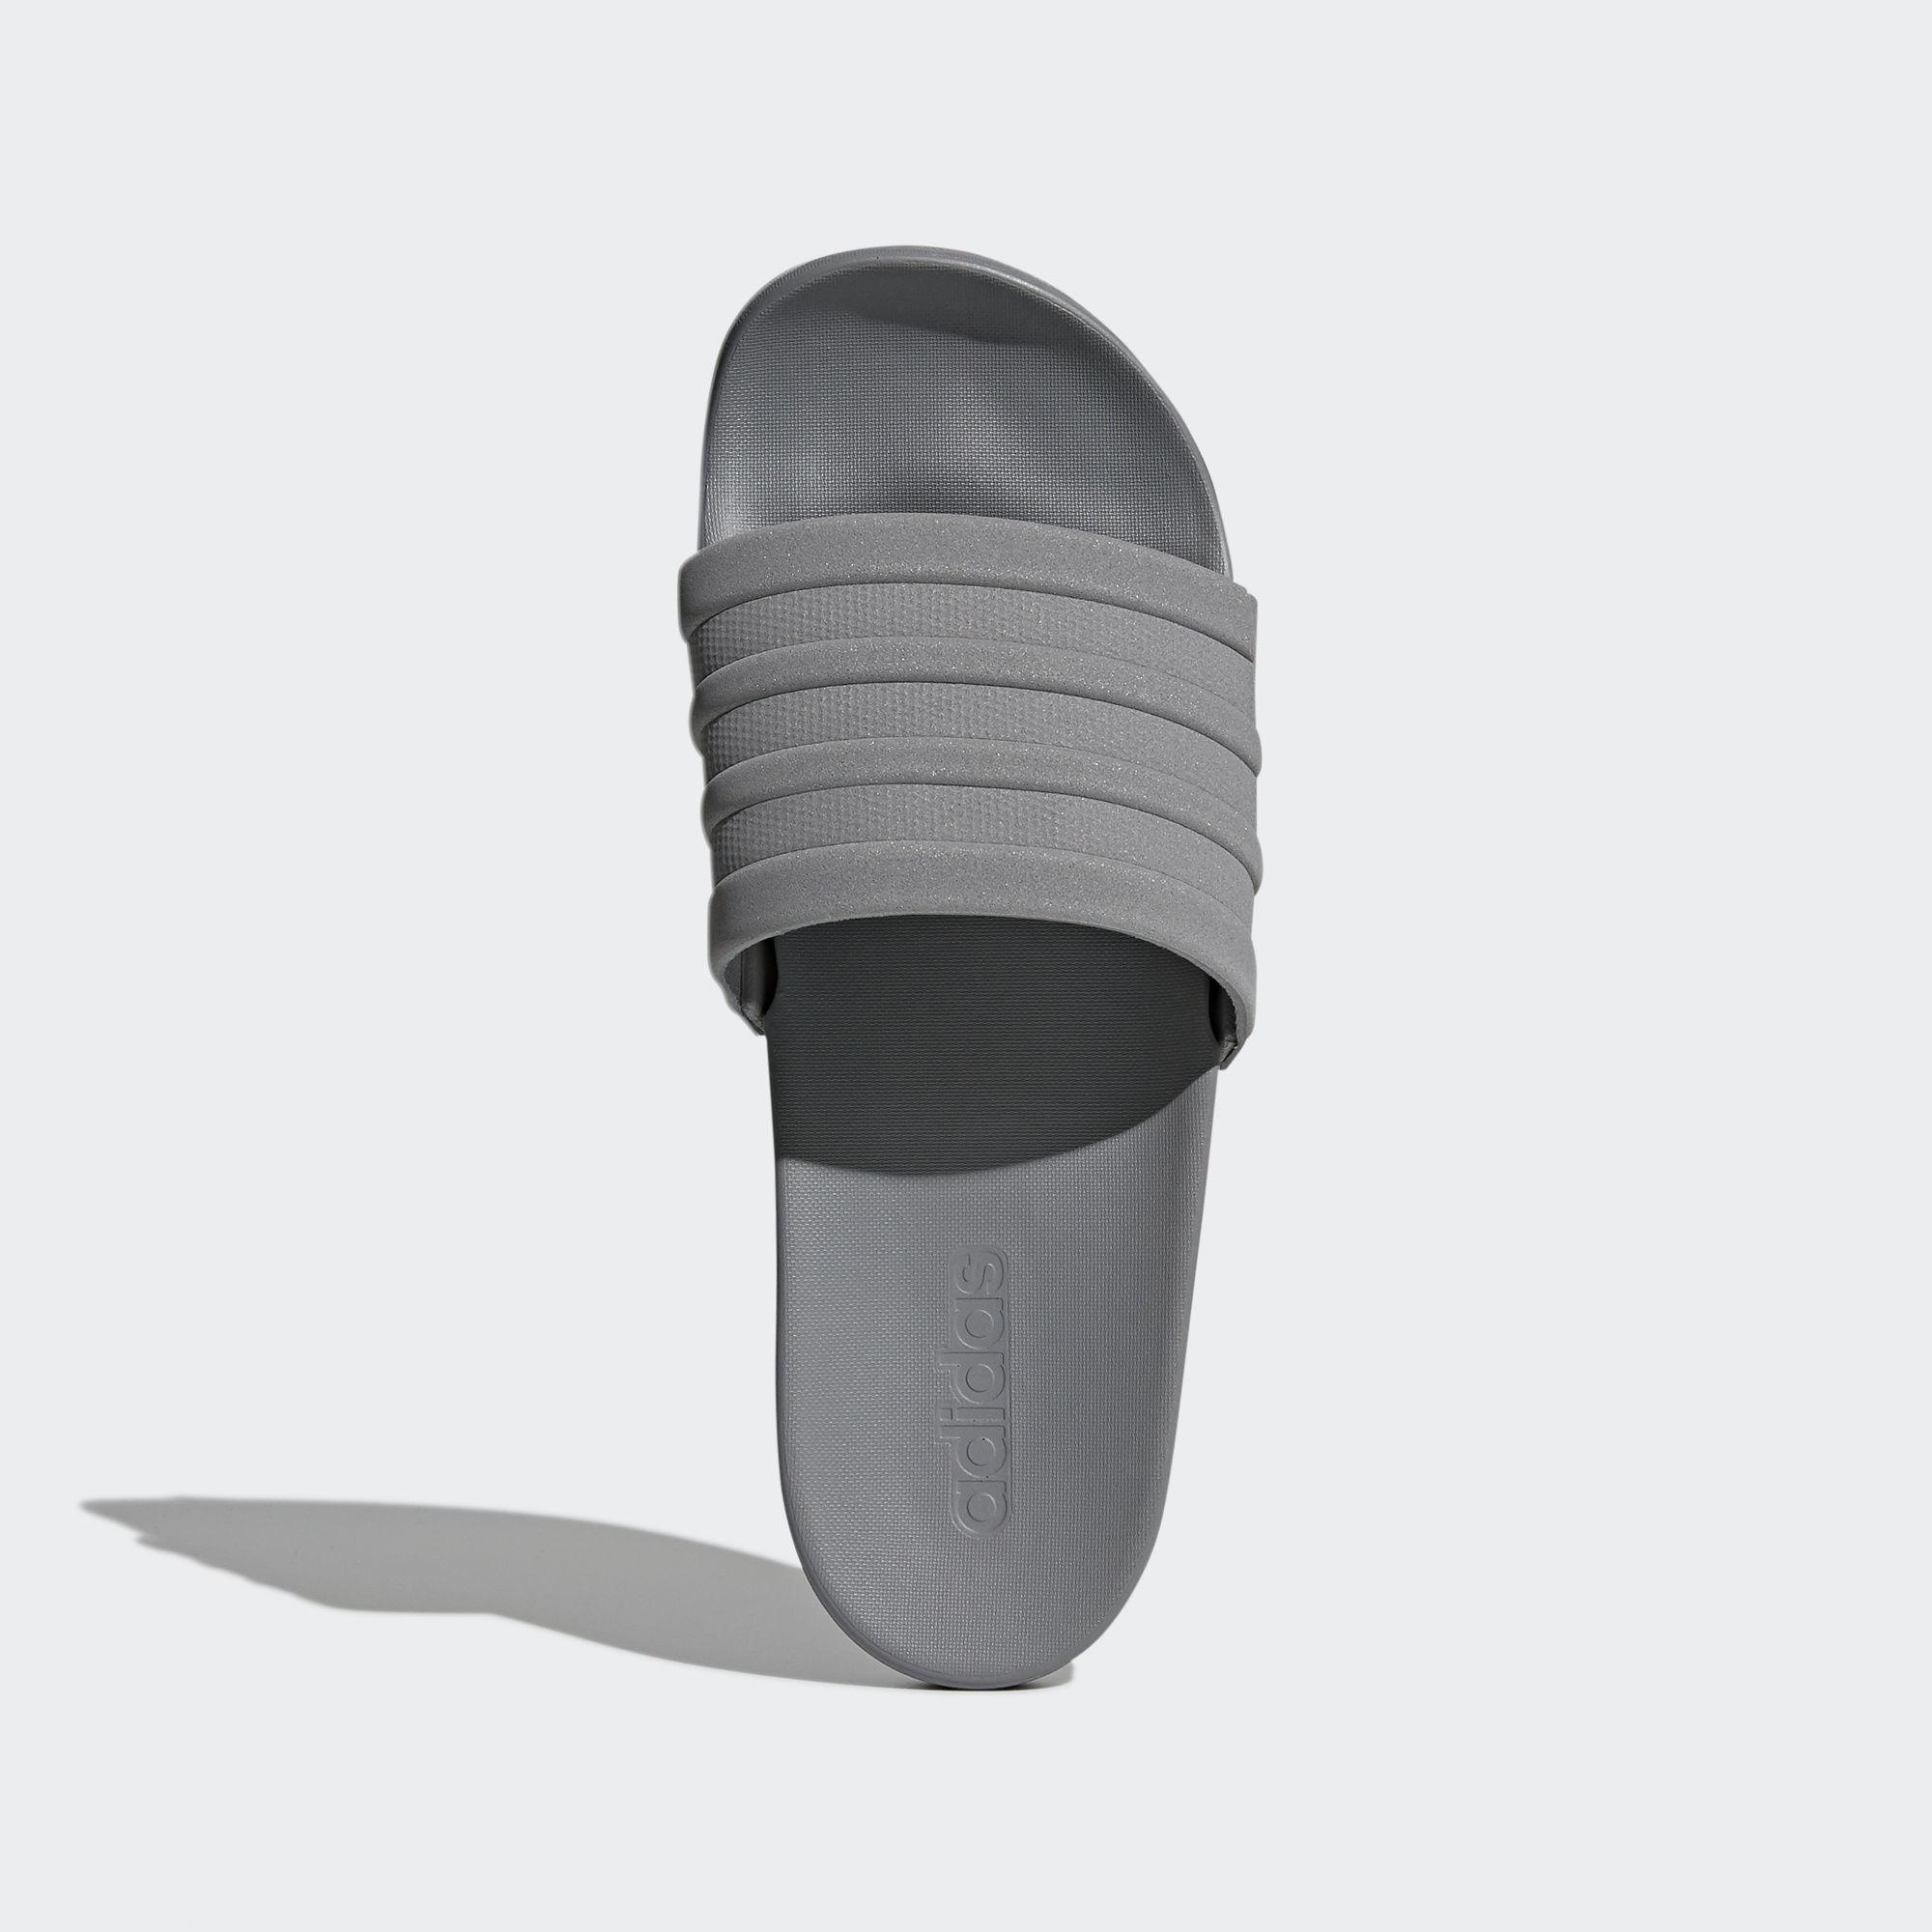 a9512a34bf1b Adidas - Gray Adilette Cloudfoam Plus Mono Slides for Men - Lyst. View  fullscreen